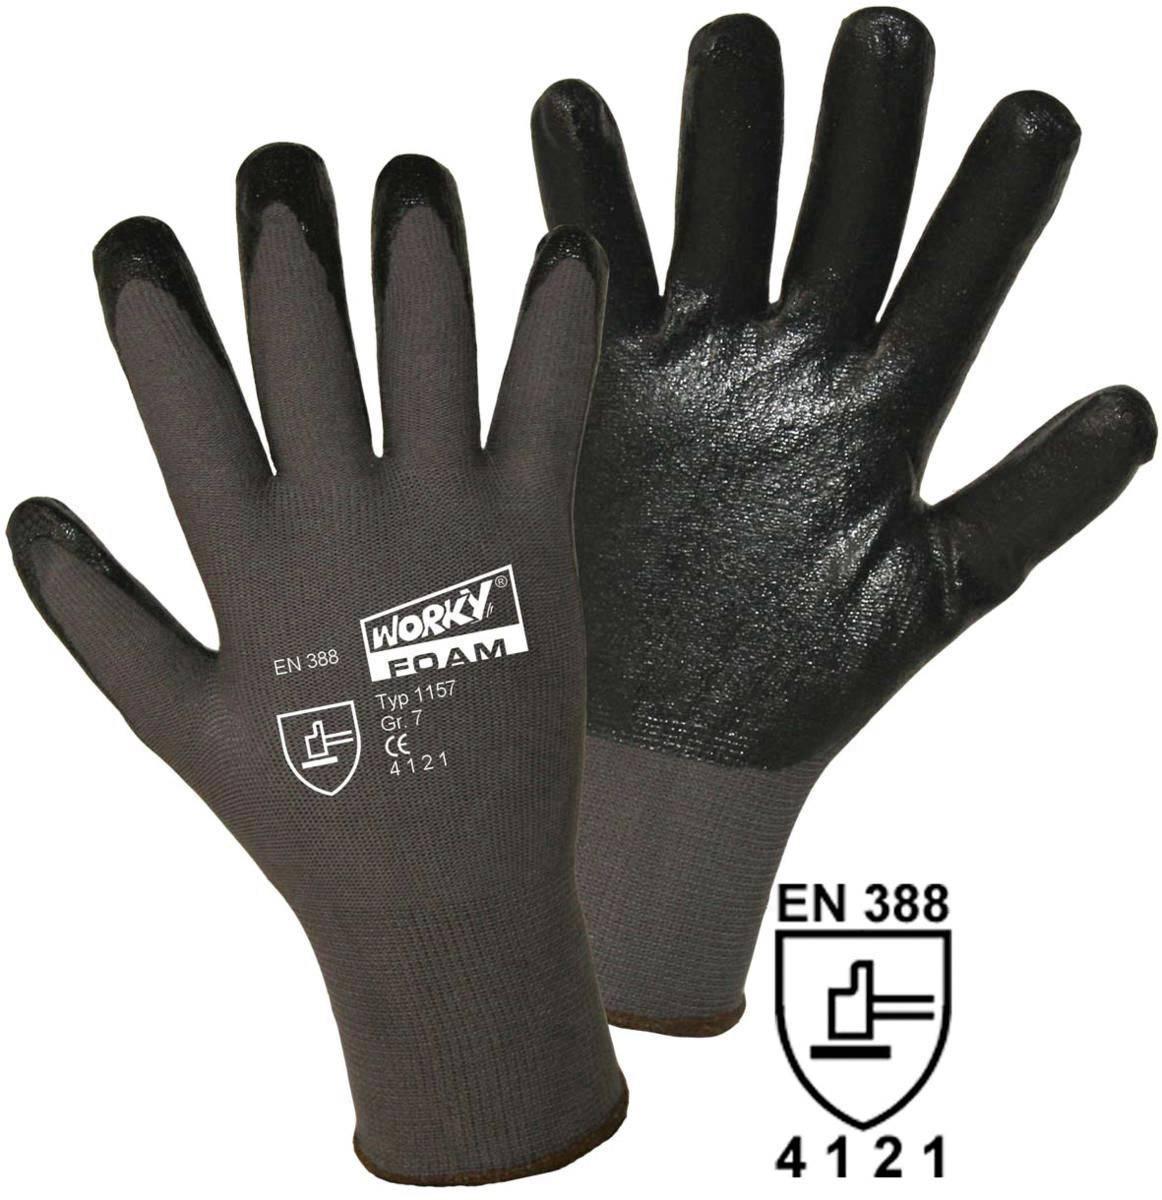 Pracovné rukavice jemne pletené worky FOAM Nylon-Nitril 1157 veľkosť rukavíc 10, XL